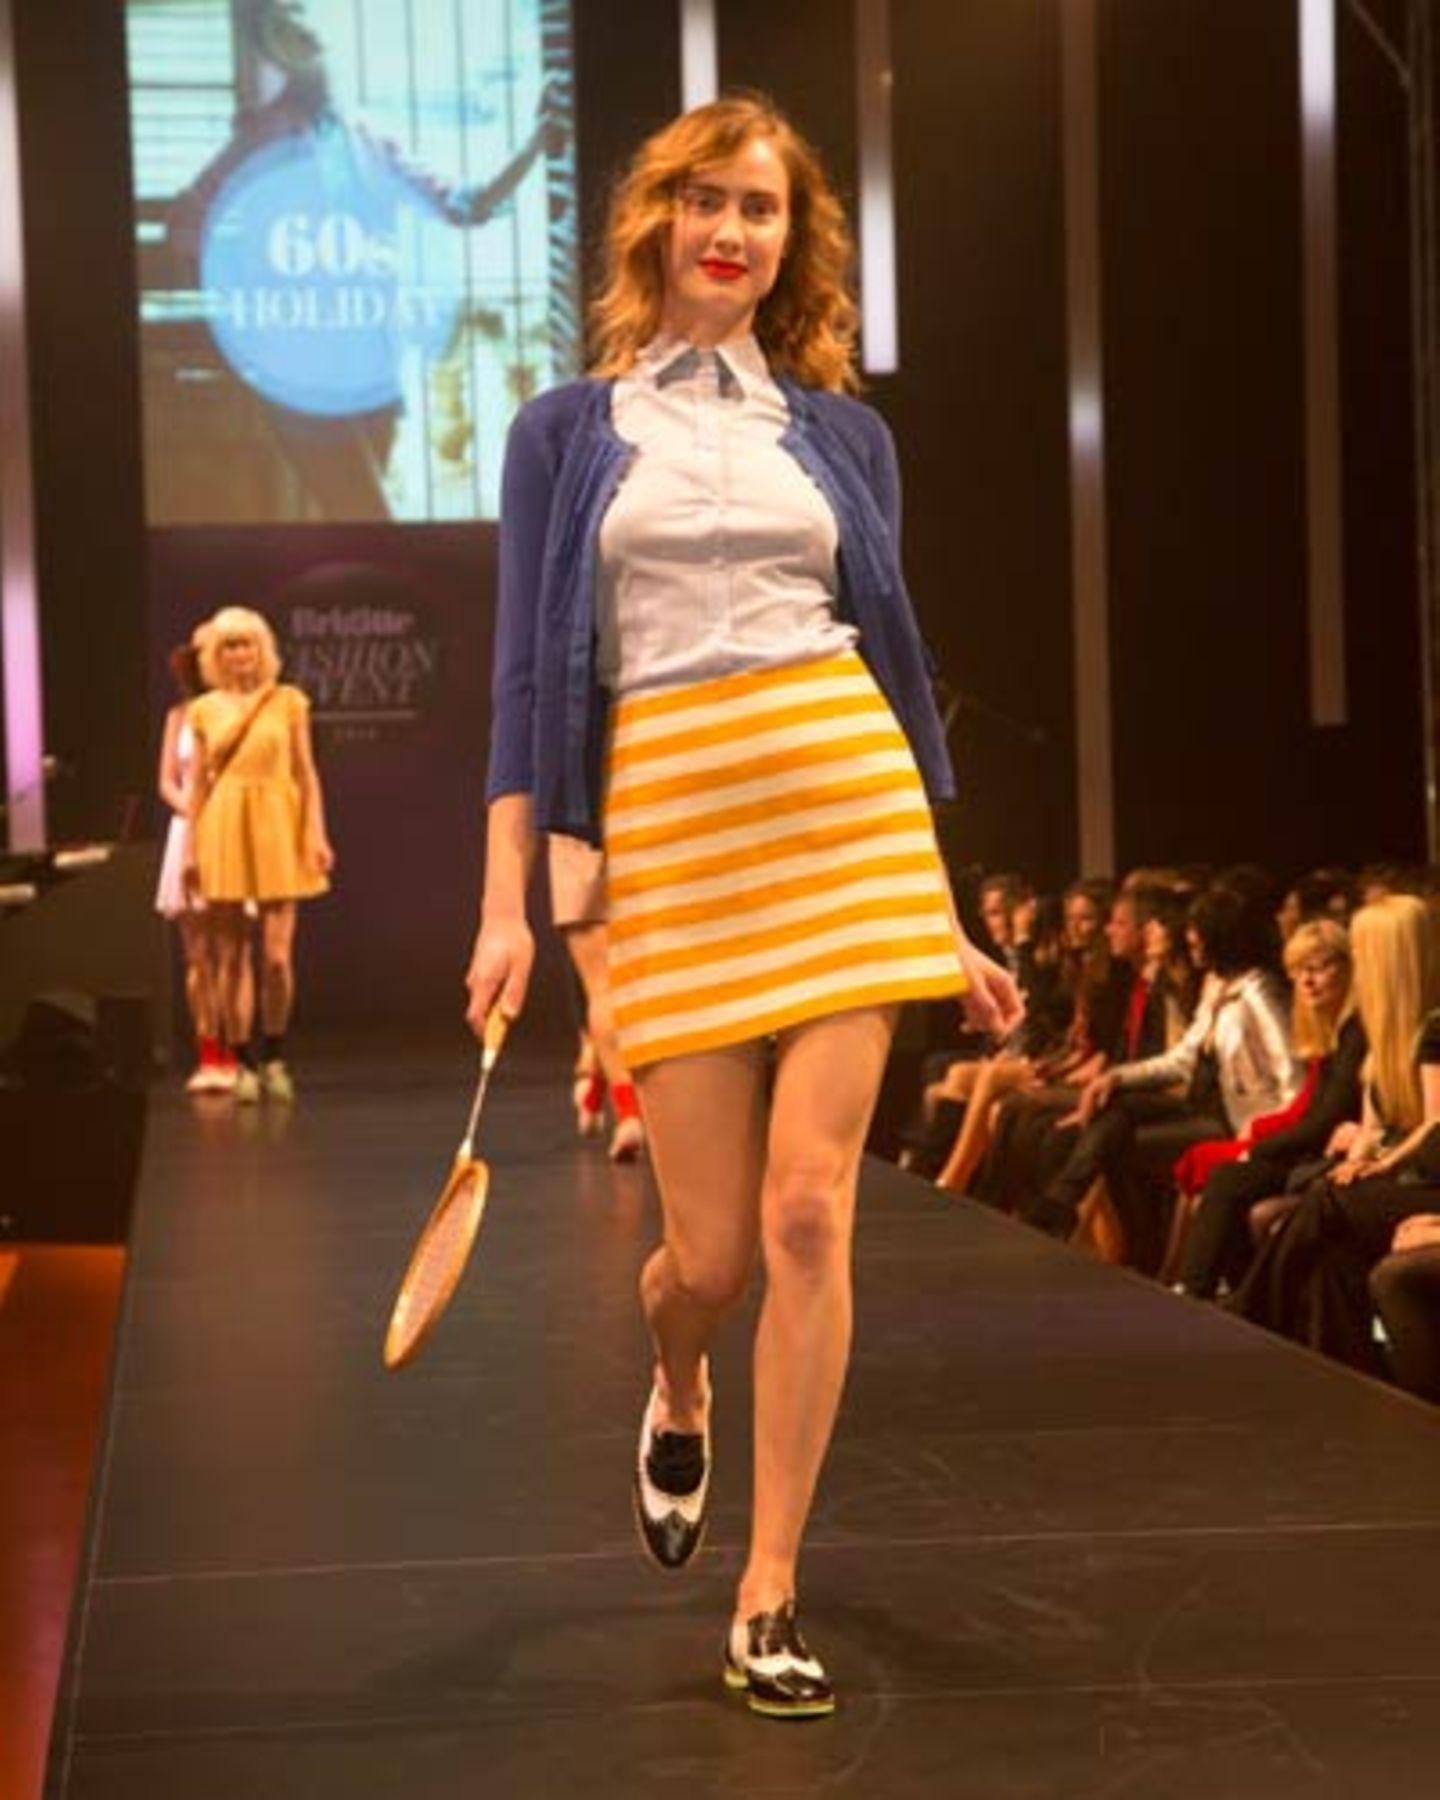 Zum gestreiften Rock von Esprit kombinieren wir eine Bluse von van Laack, ein Cardigan von Betty Barclay und Schuhe von Pretty Ballerinas. Socken: Item M6. Tennisschläger: Vintage.